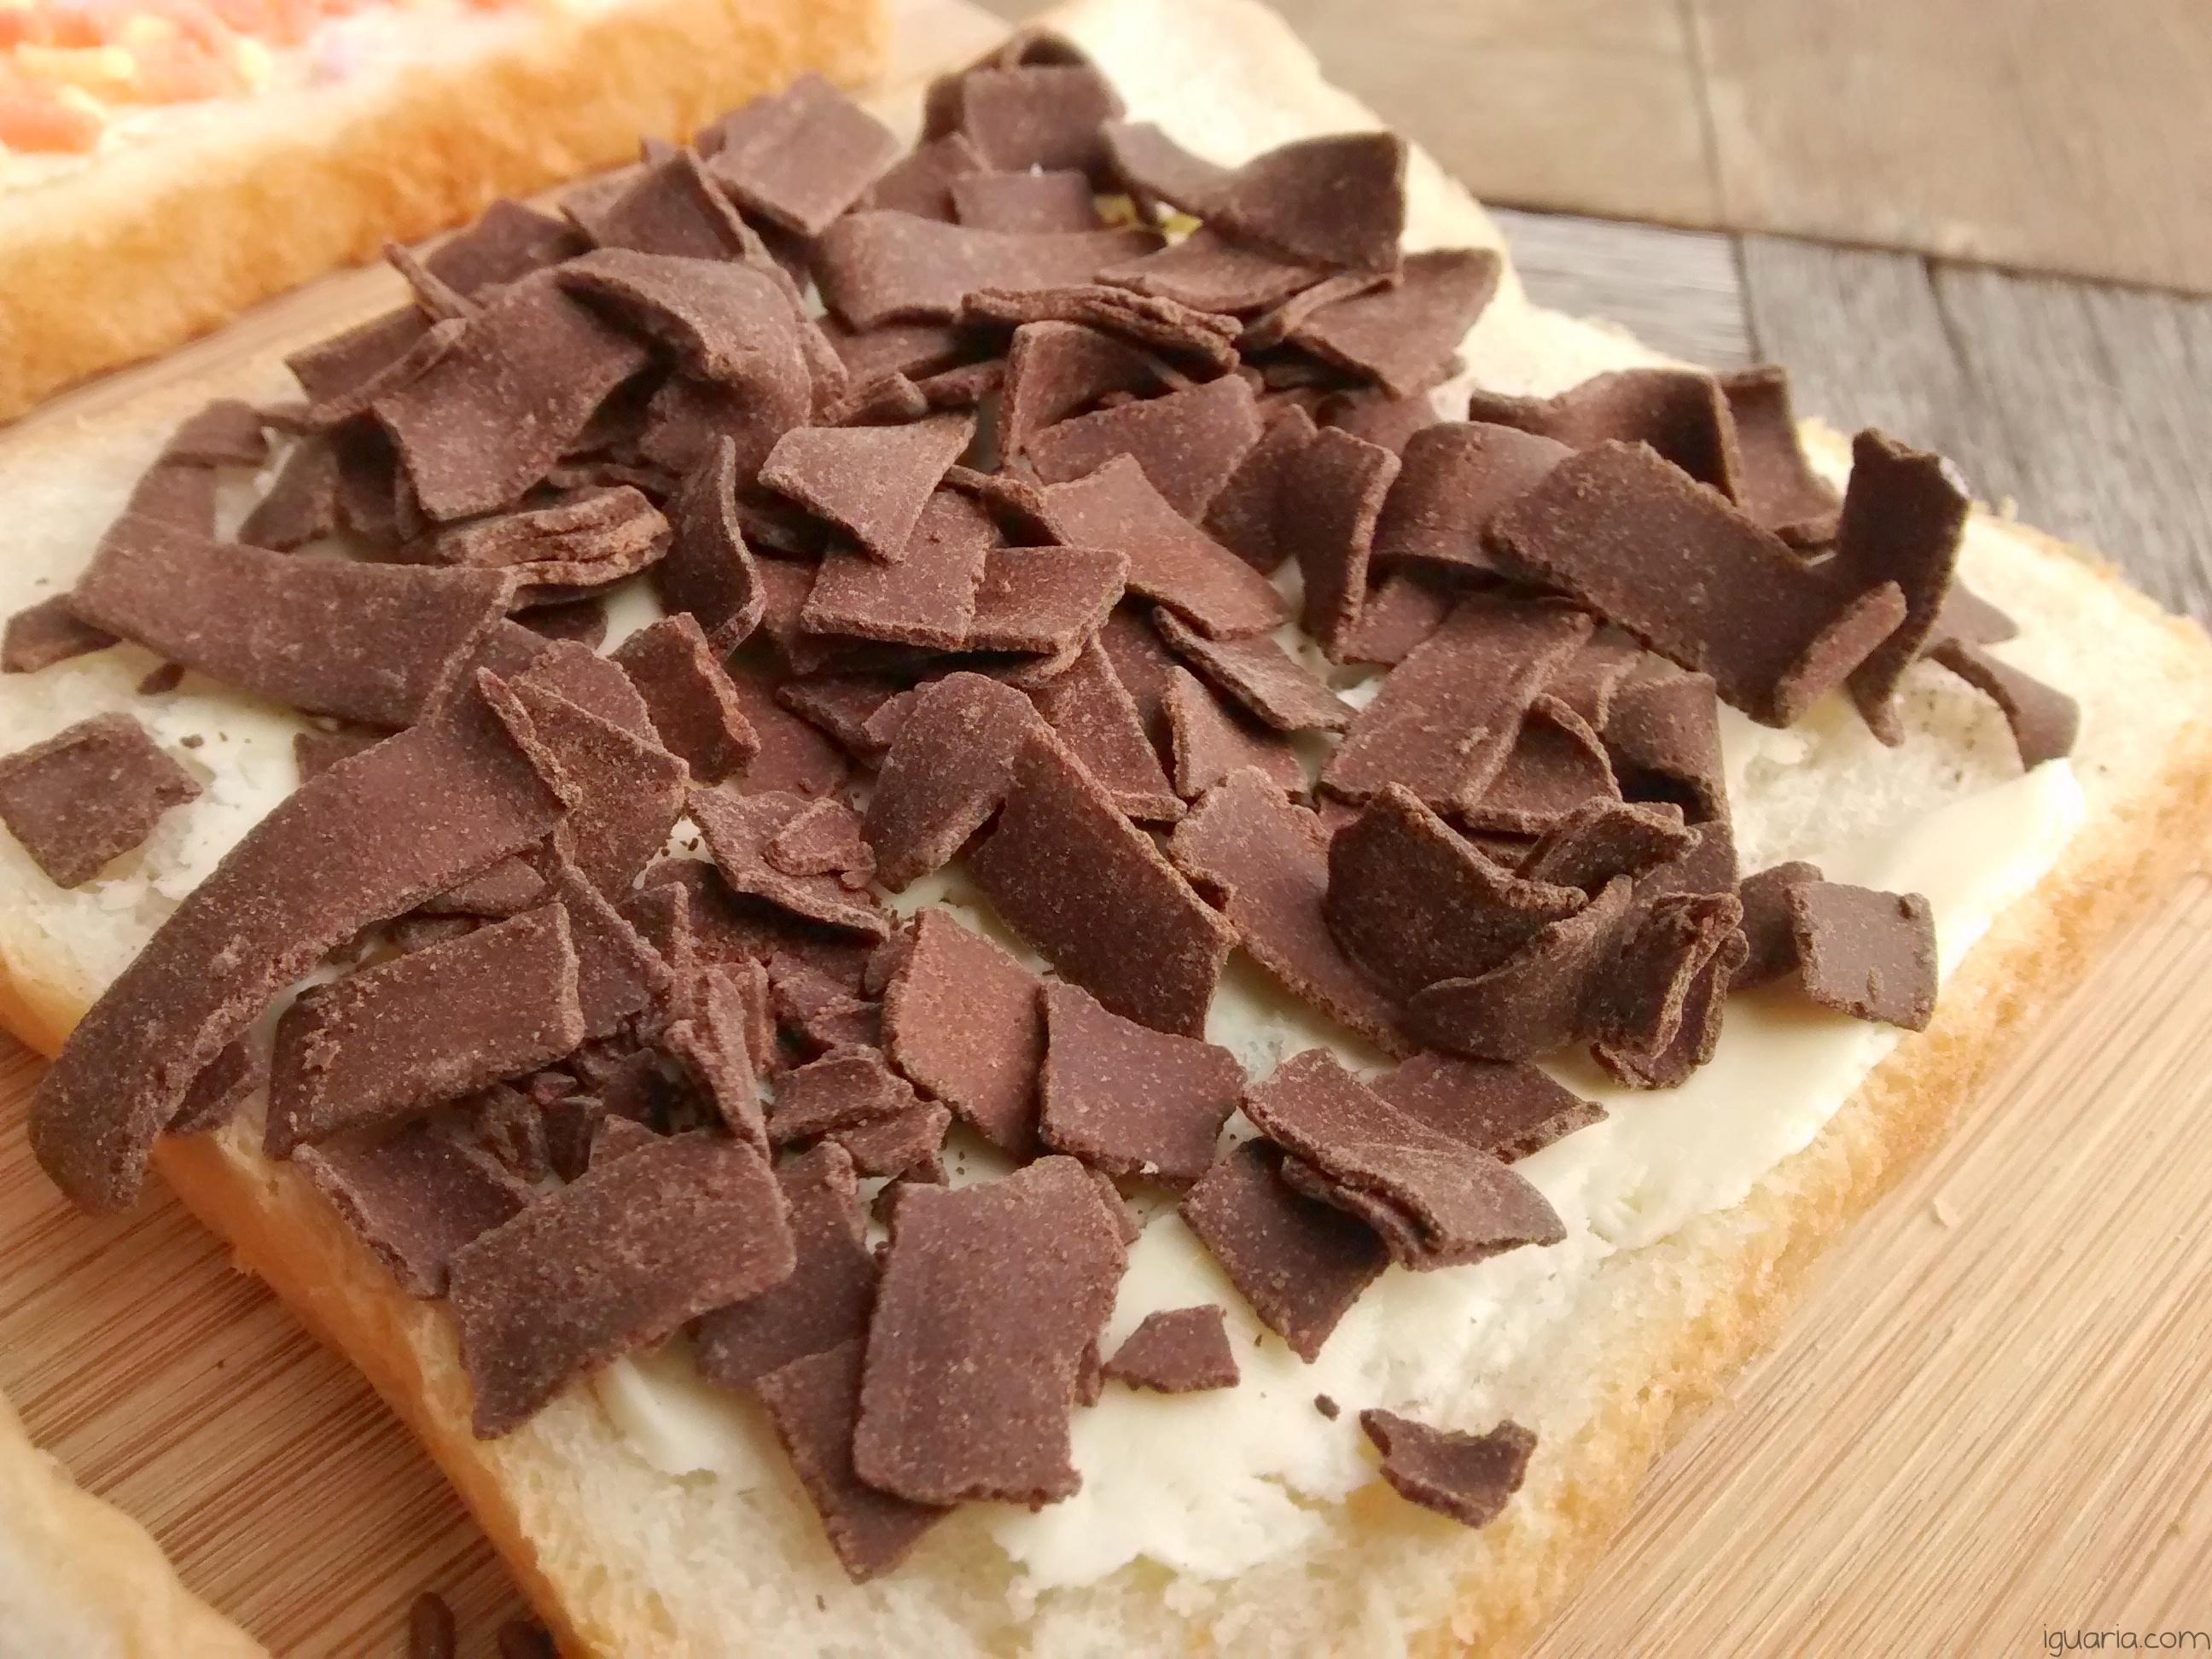 Iguaria_Pao-com-Manteiga-e-Granulado-Grosso-de-Chocolate